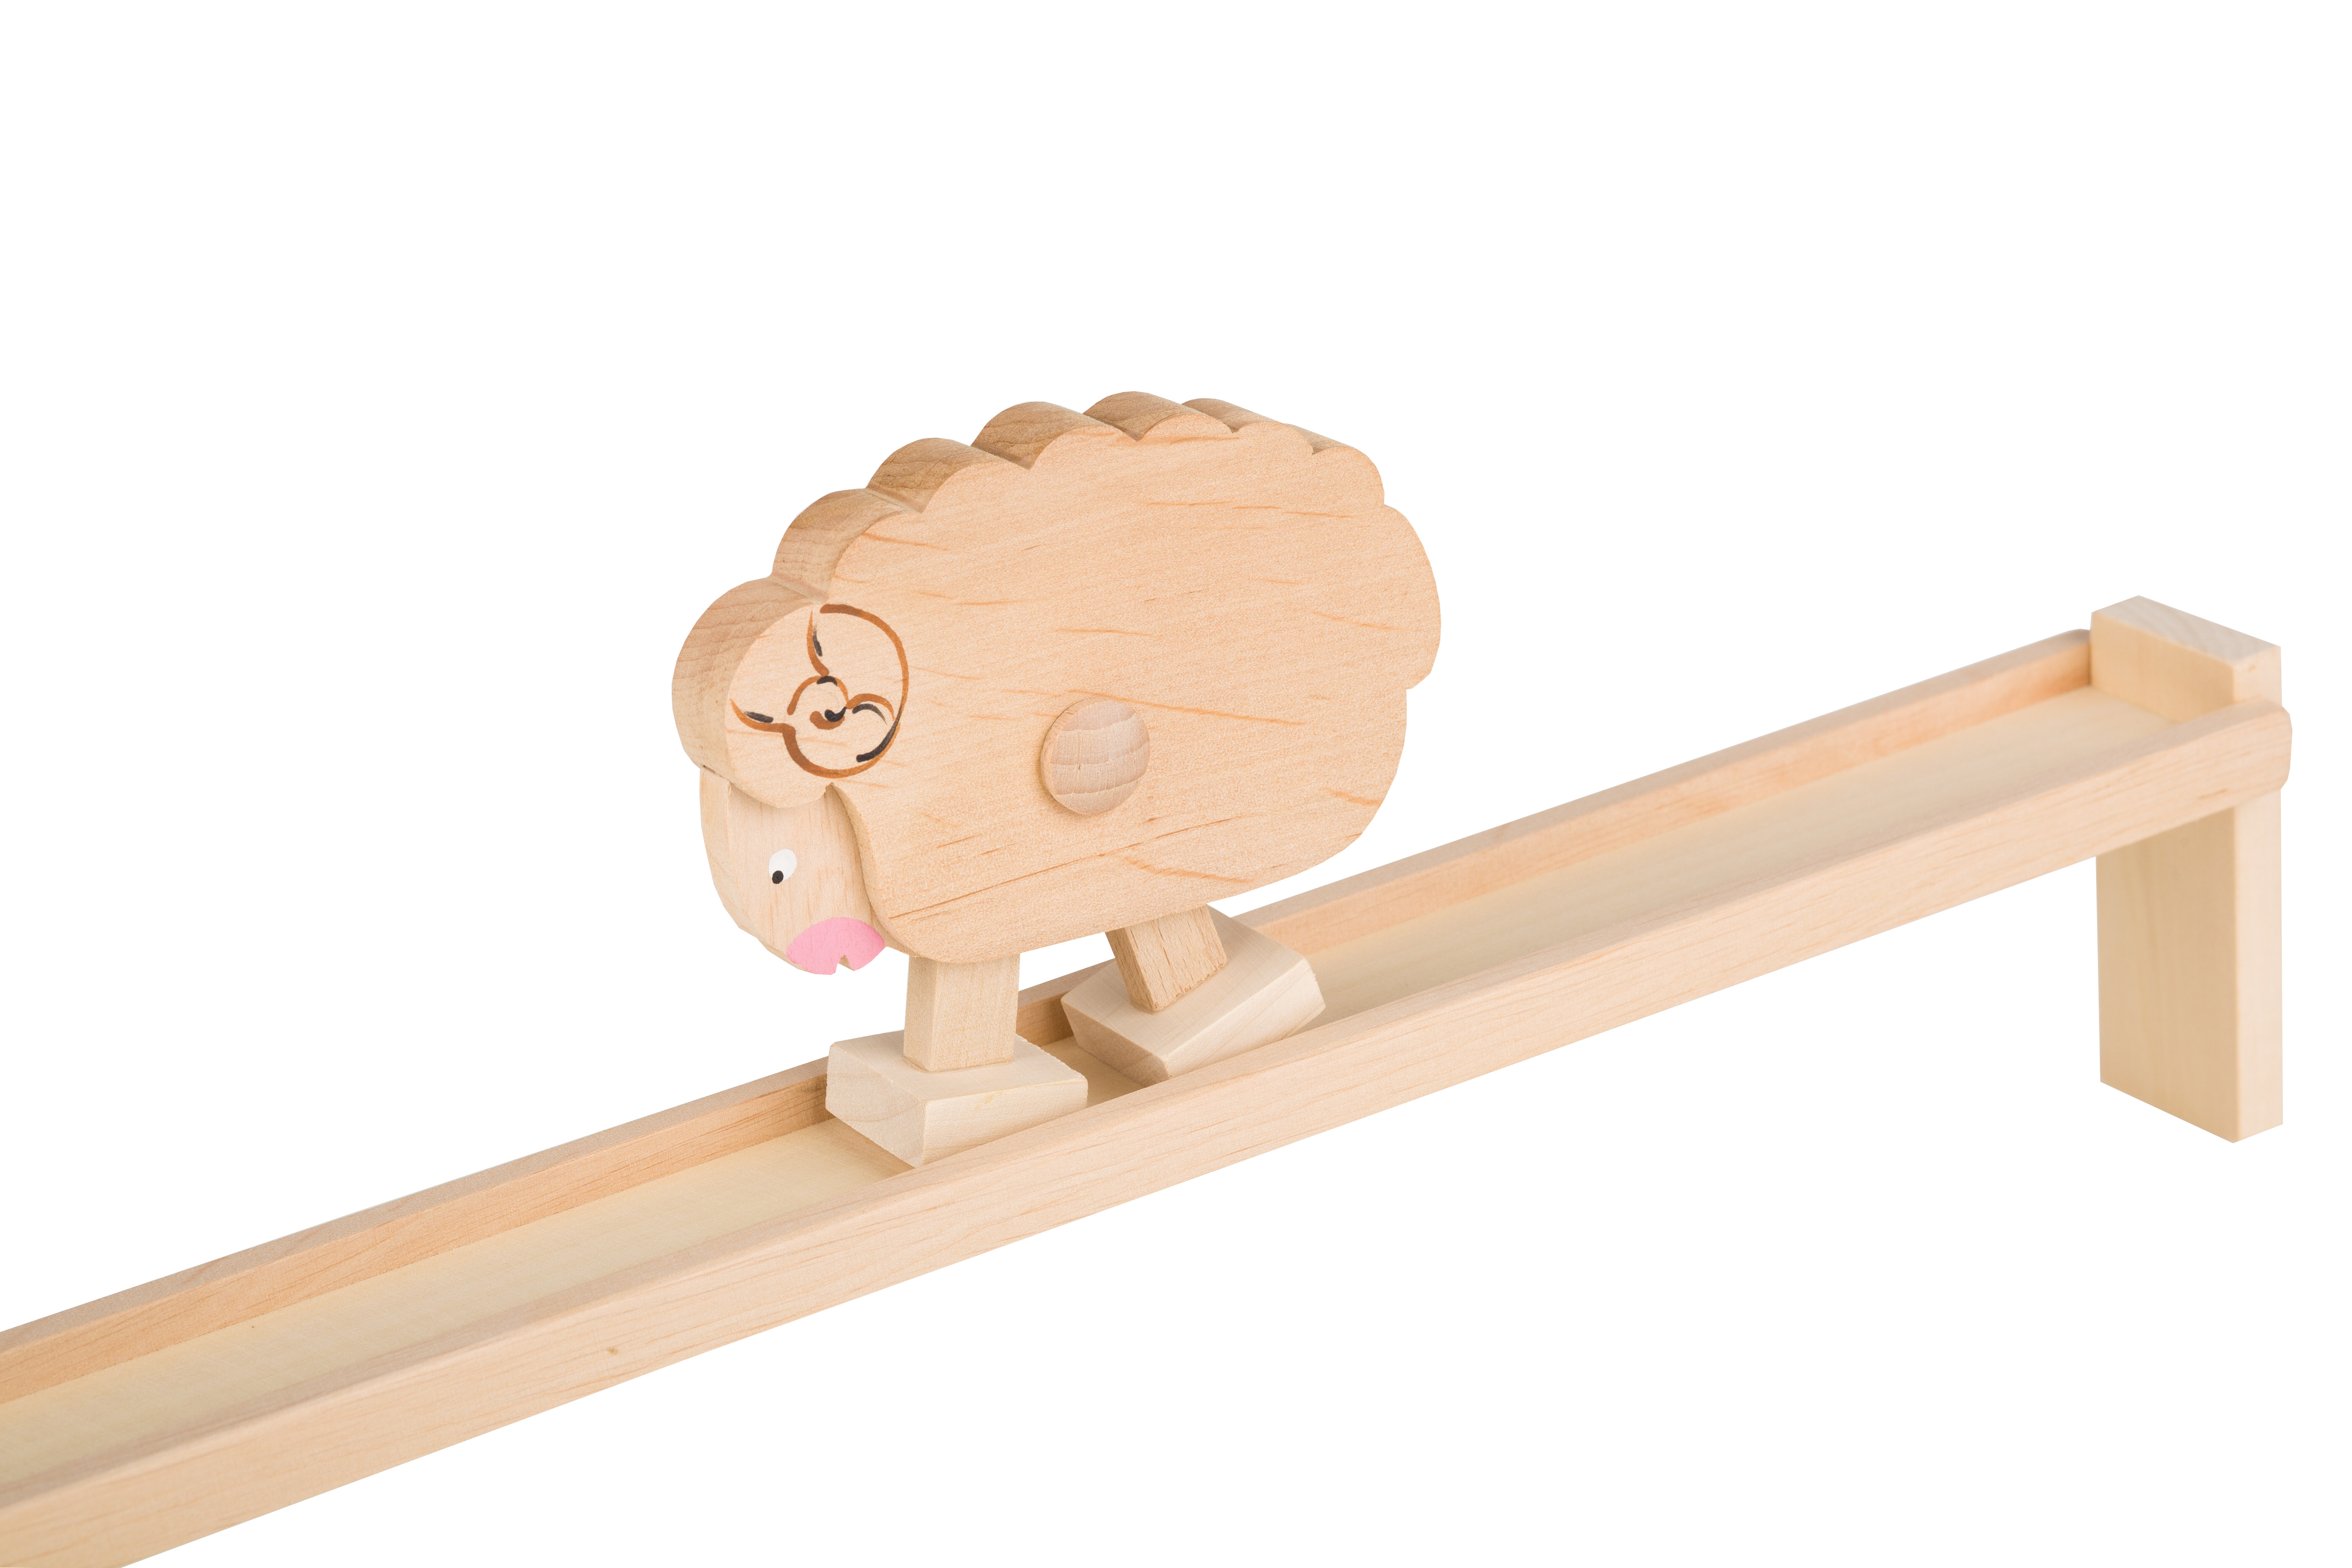 Drewniana zabawka - pochylnia - schodzący baranek